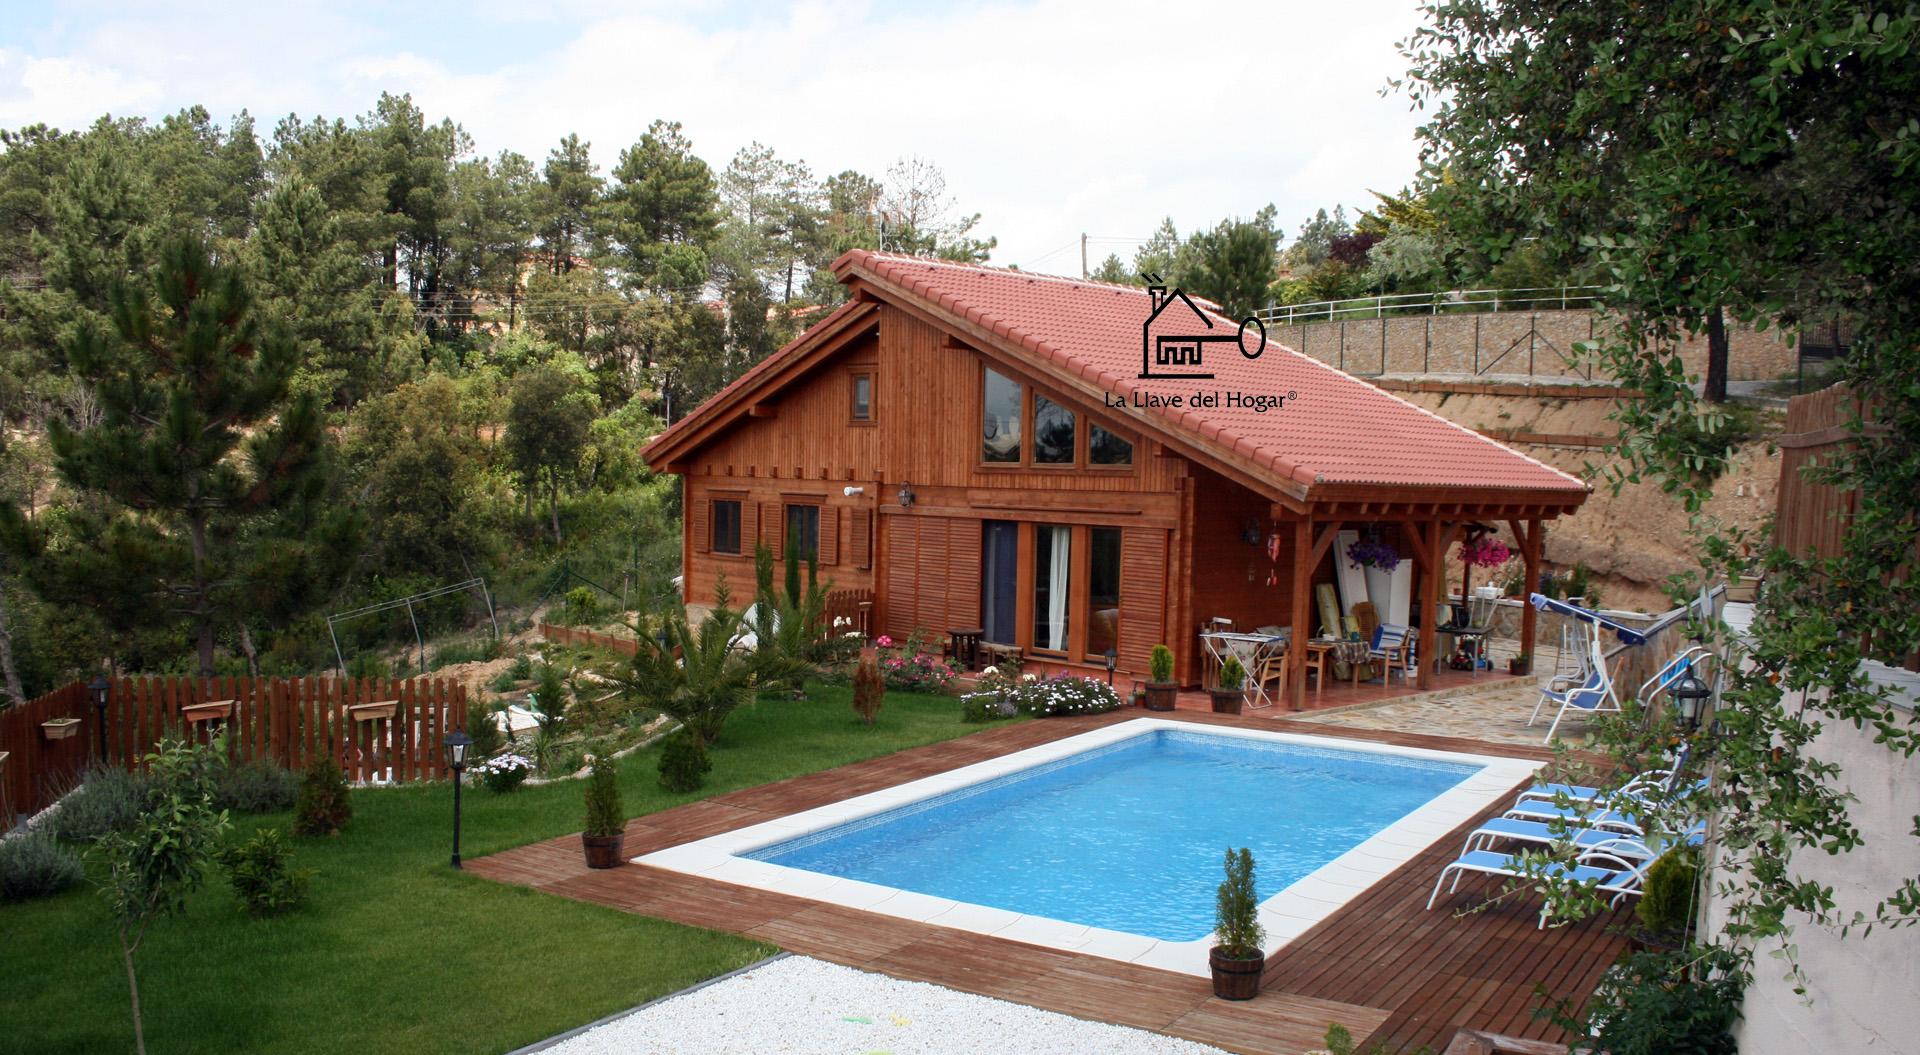 La llave del hogar casas de madera y entramado ligero - La casa de madera ...